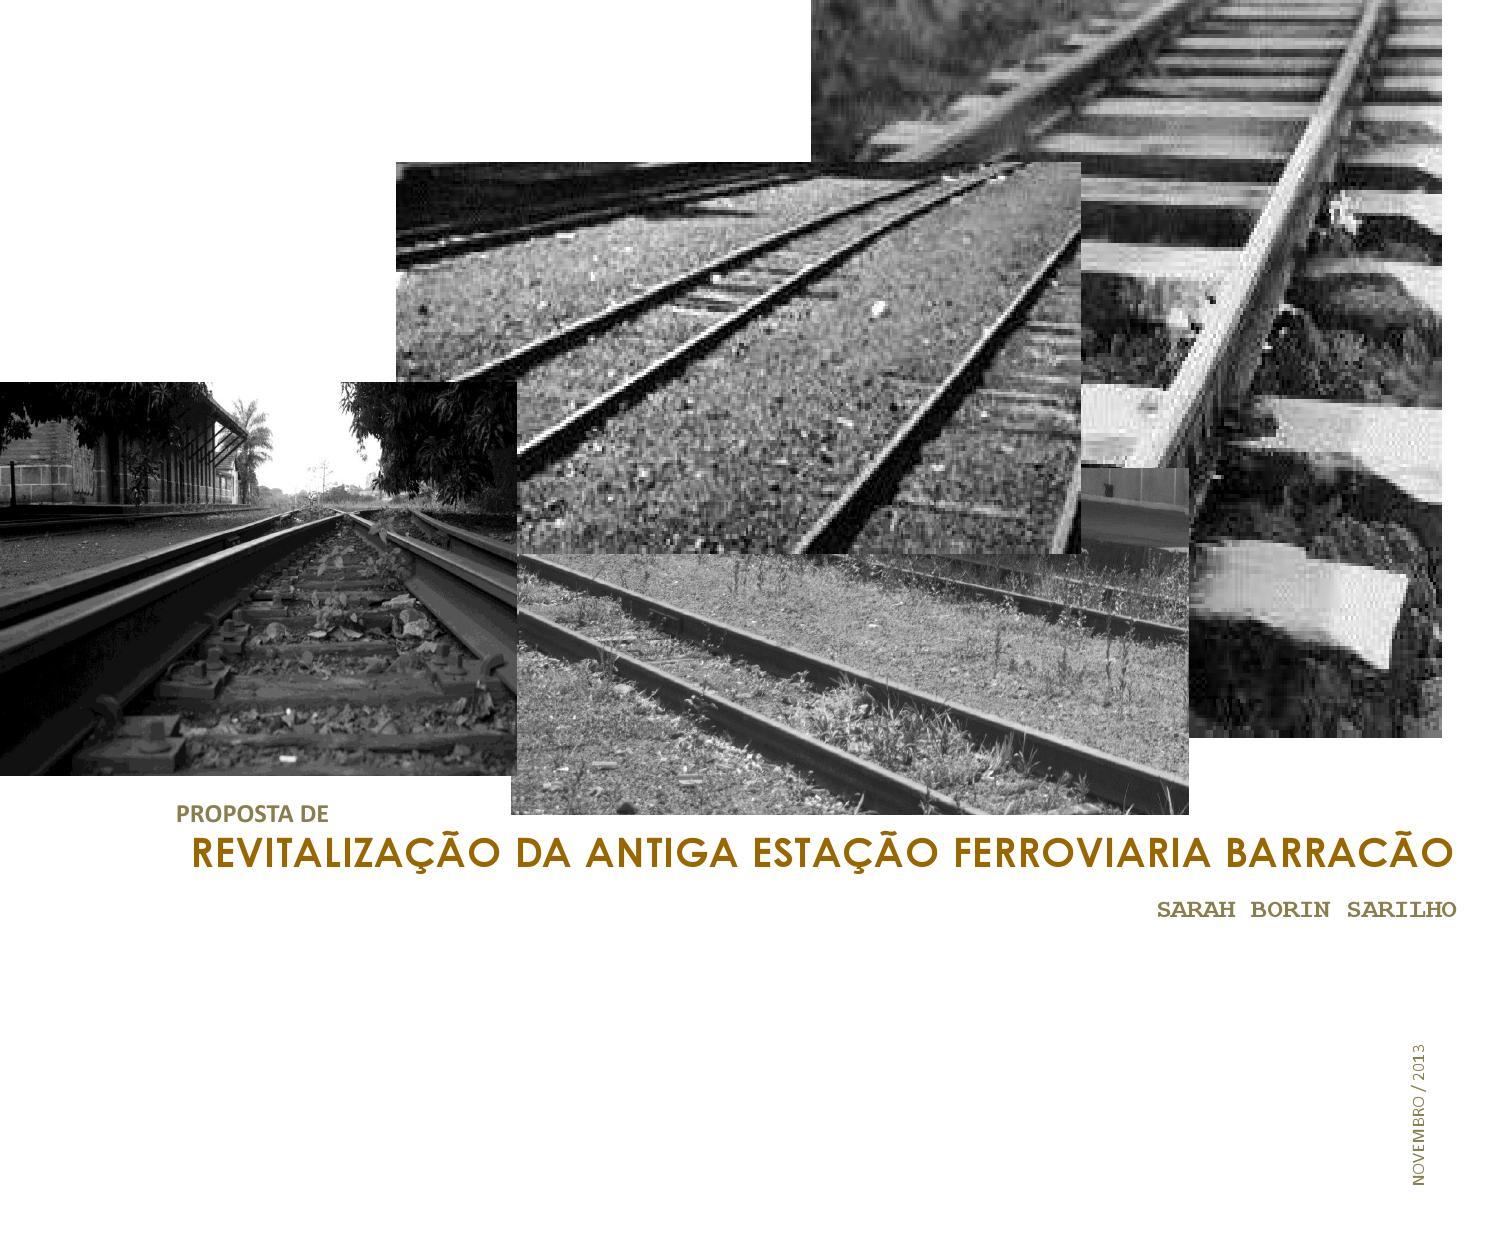 50210e78a7dc8 Estação ferroviaria barracão by Sarah Borin - issuu